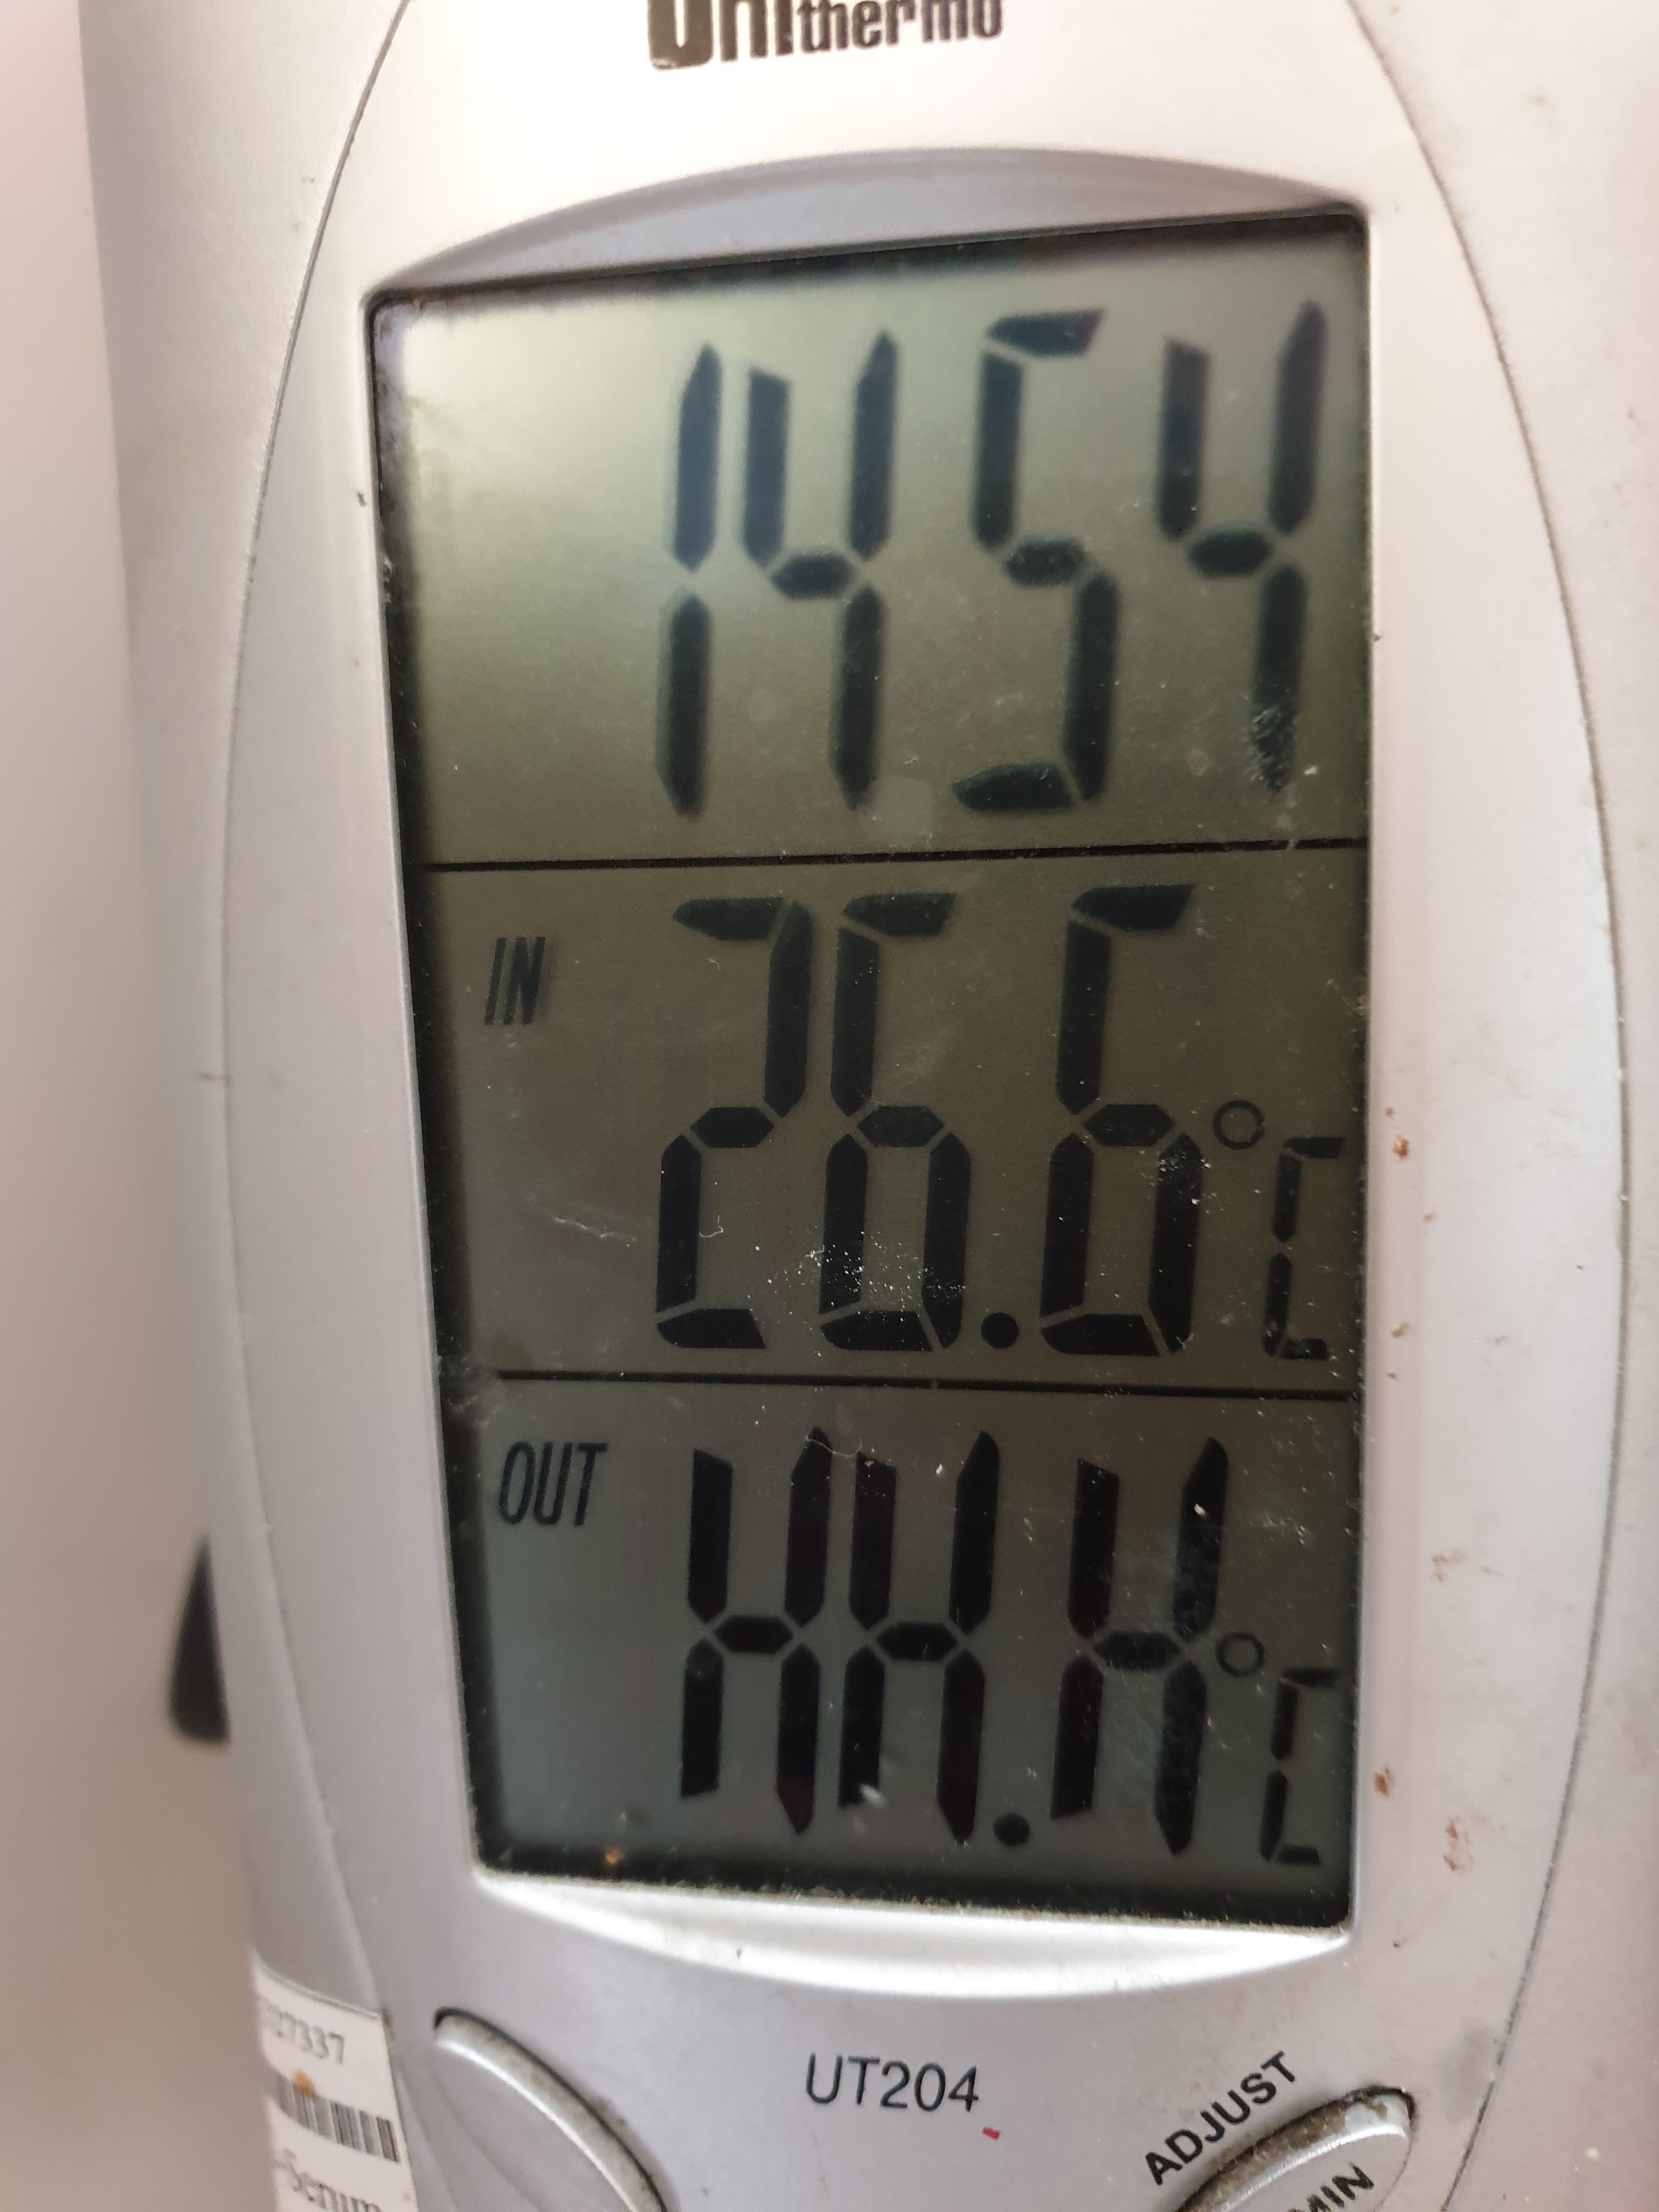 termometr przegrzanie